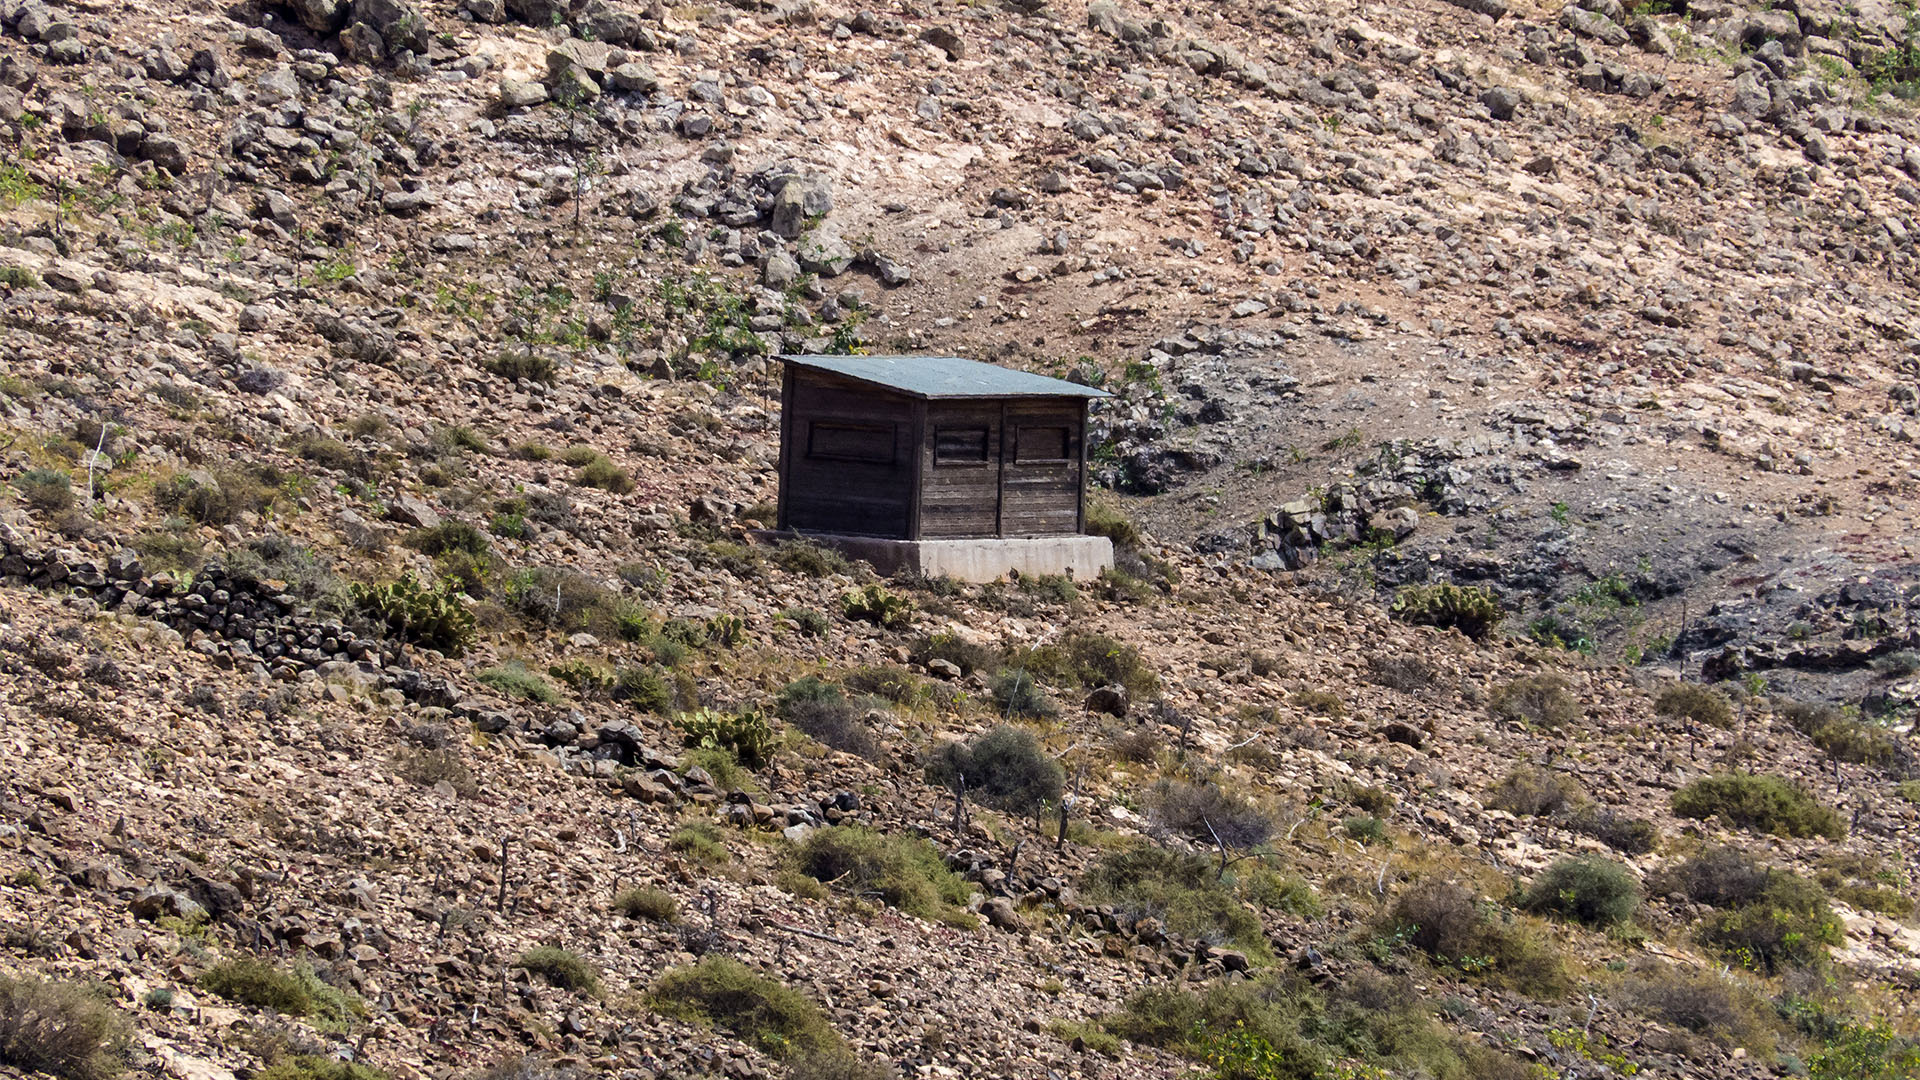 Sehenswürdigkeiten Fuerteventuras: Los Molinos – Embalse de Los Molinos